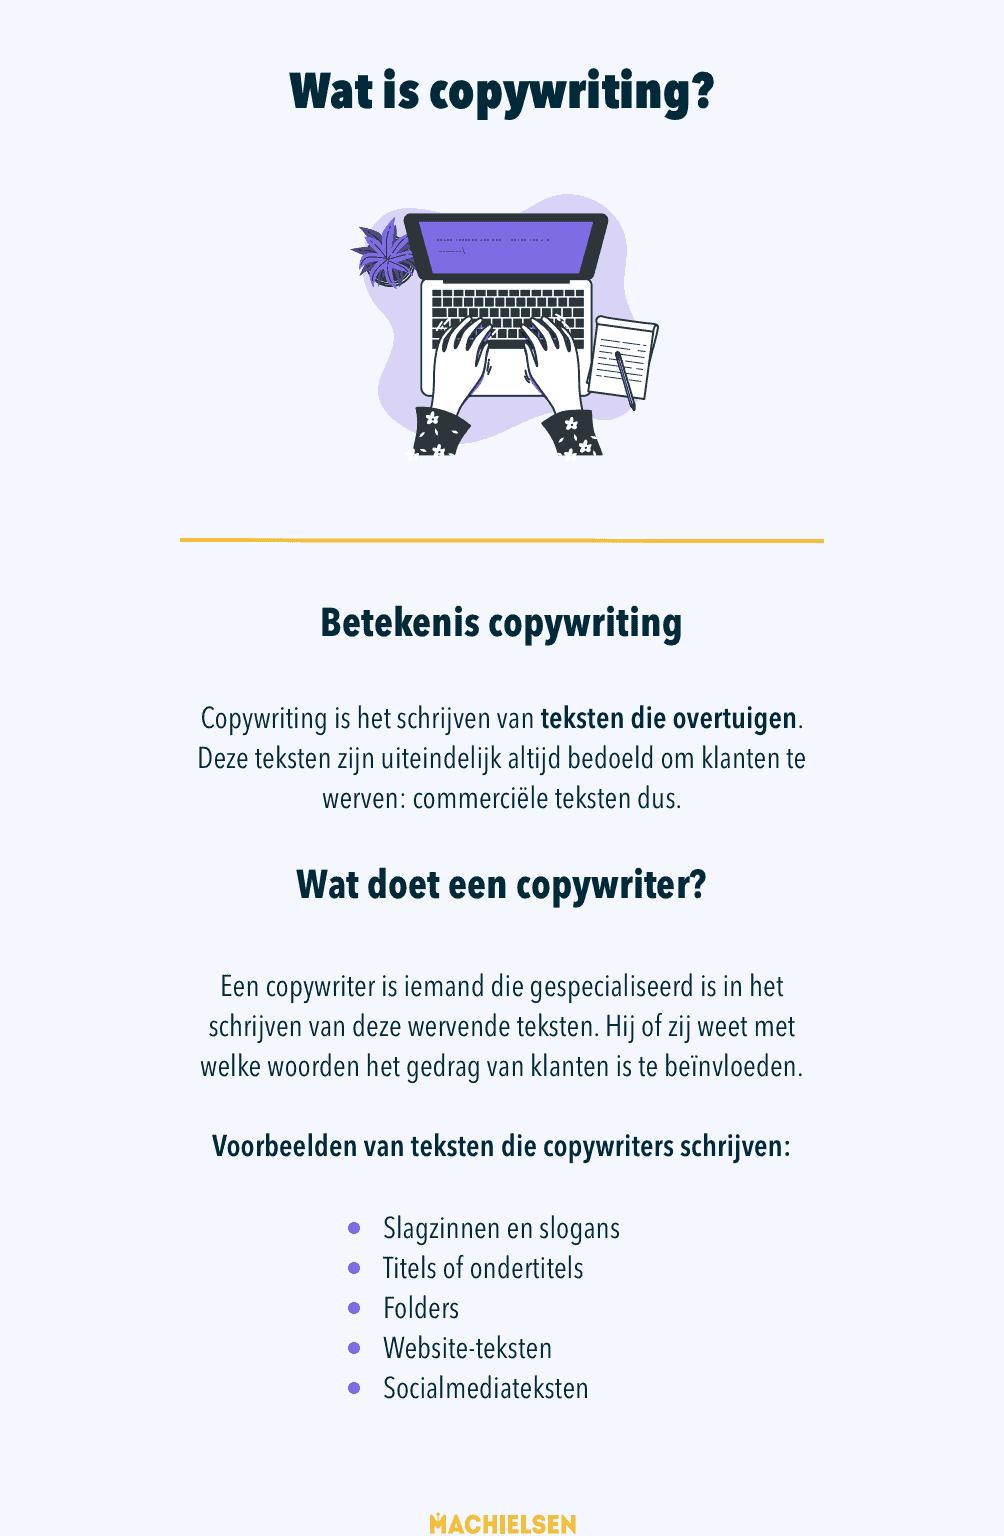 infographic met uitleg over copywriting